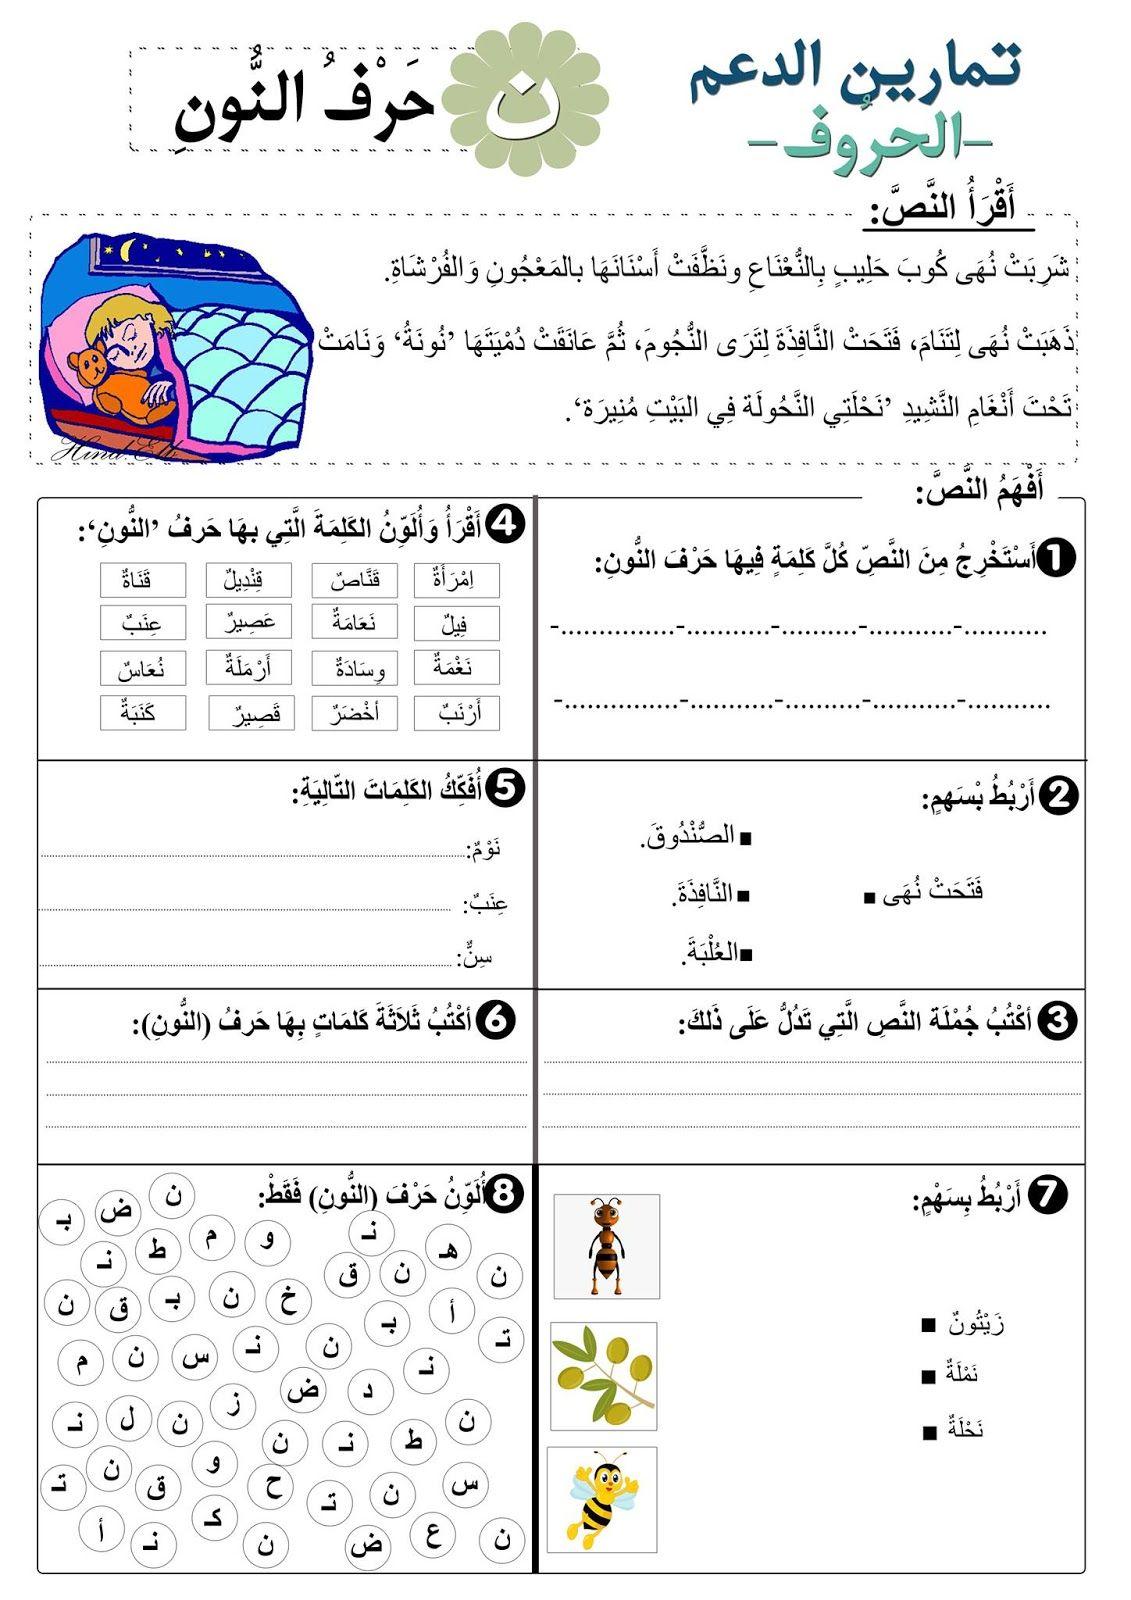 سلسلة تمارين الد عم في الحروف للسنة الأولى ابتدائي Learn Arabic Alphabet Arabic Alphabet Letters Arabic Alphabet For Kids